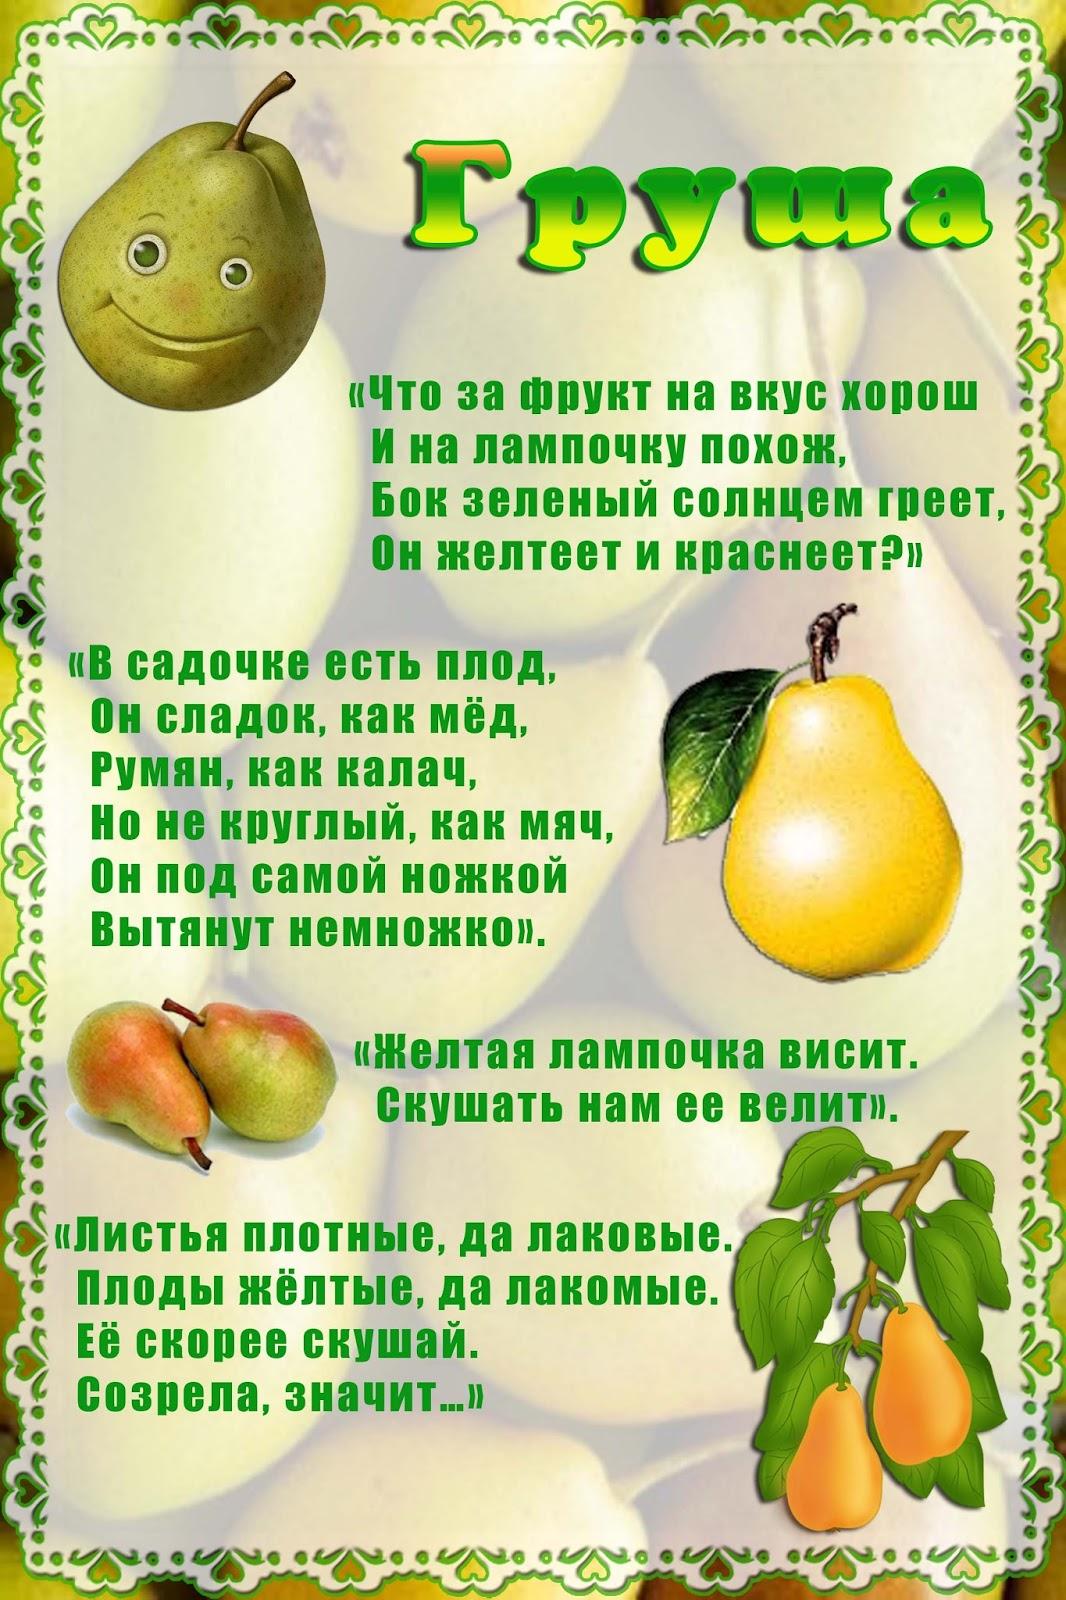 расскажем картинки и стихи про фрукты некоторым оговоркам